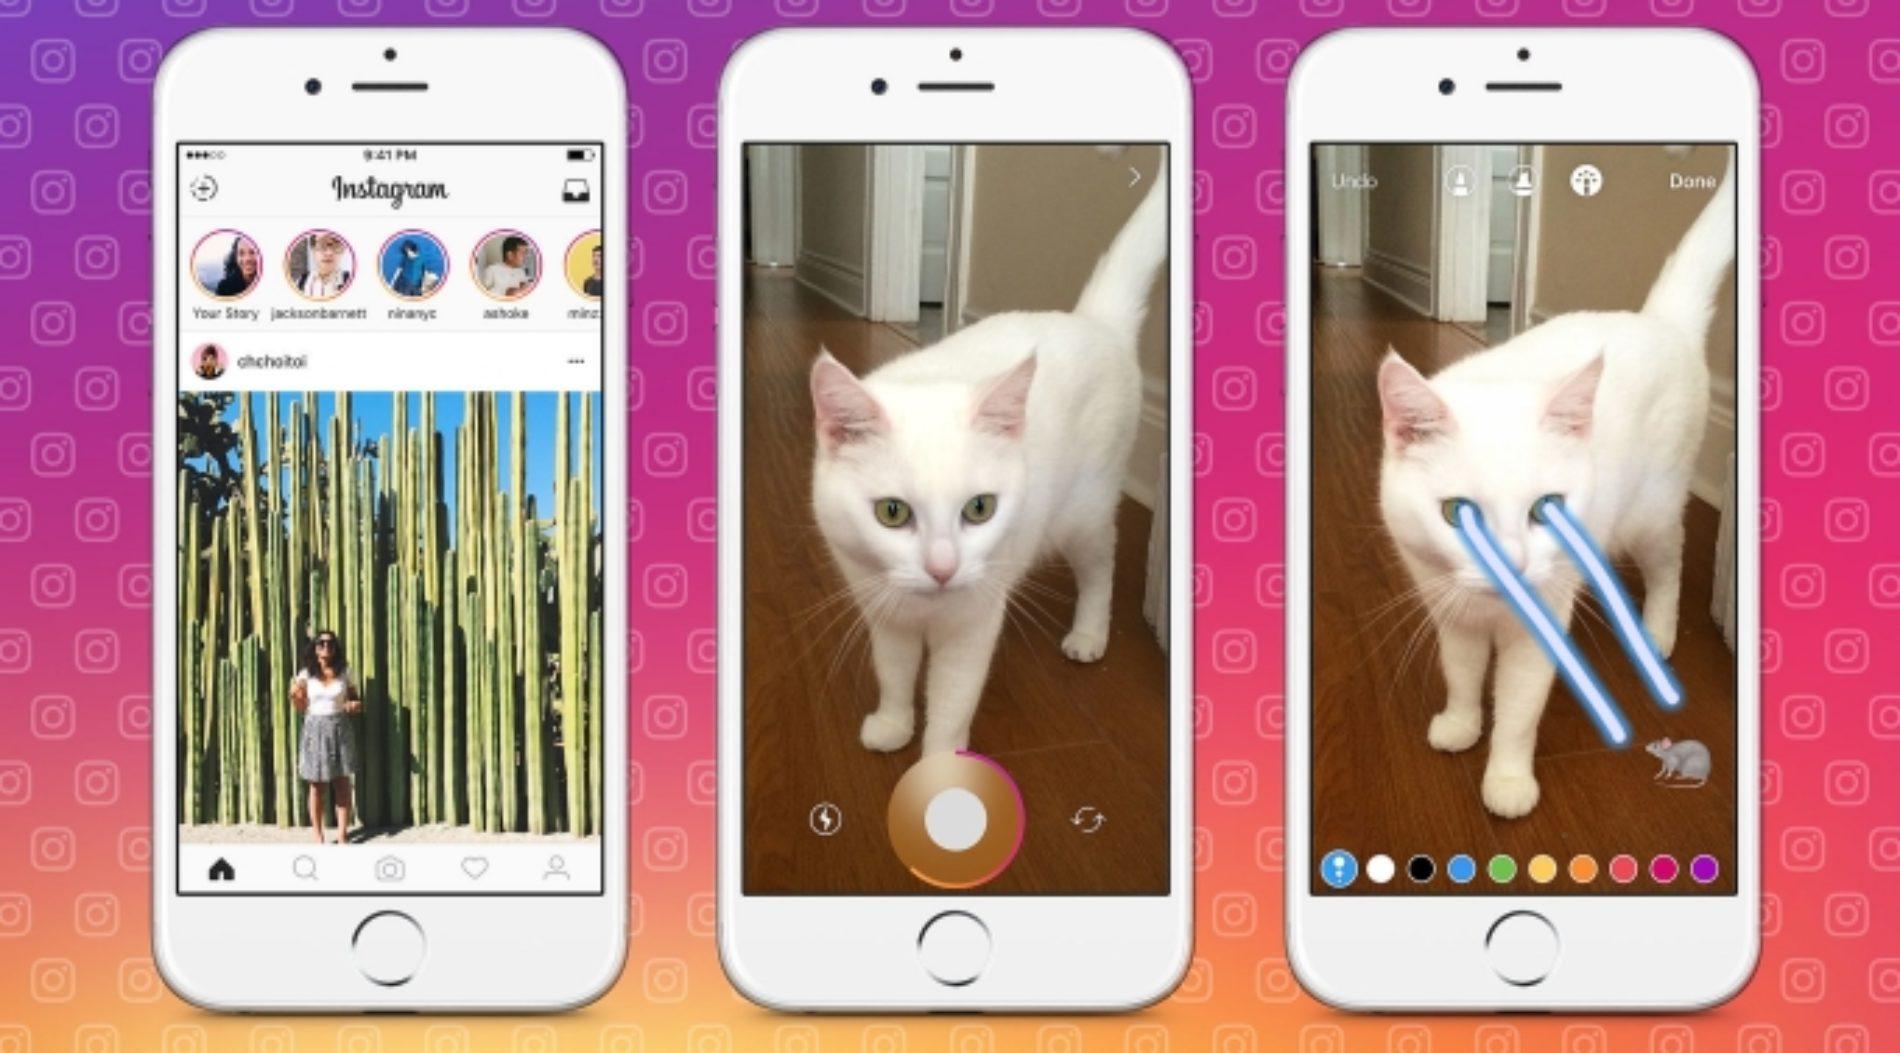 Ahora podras compartir varias fotografías y vídeos a la vez en Instagram Stories